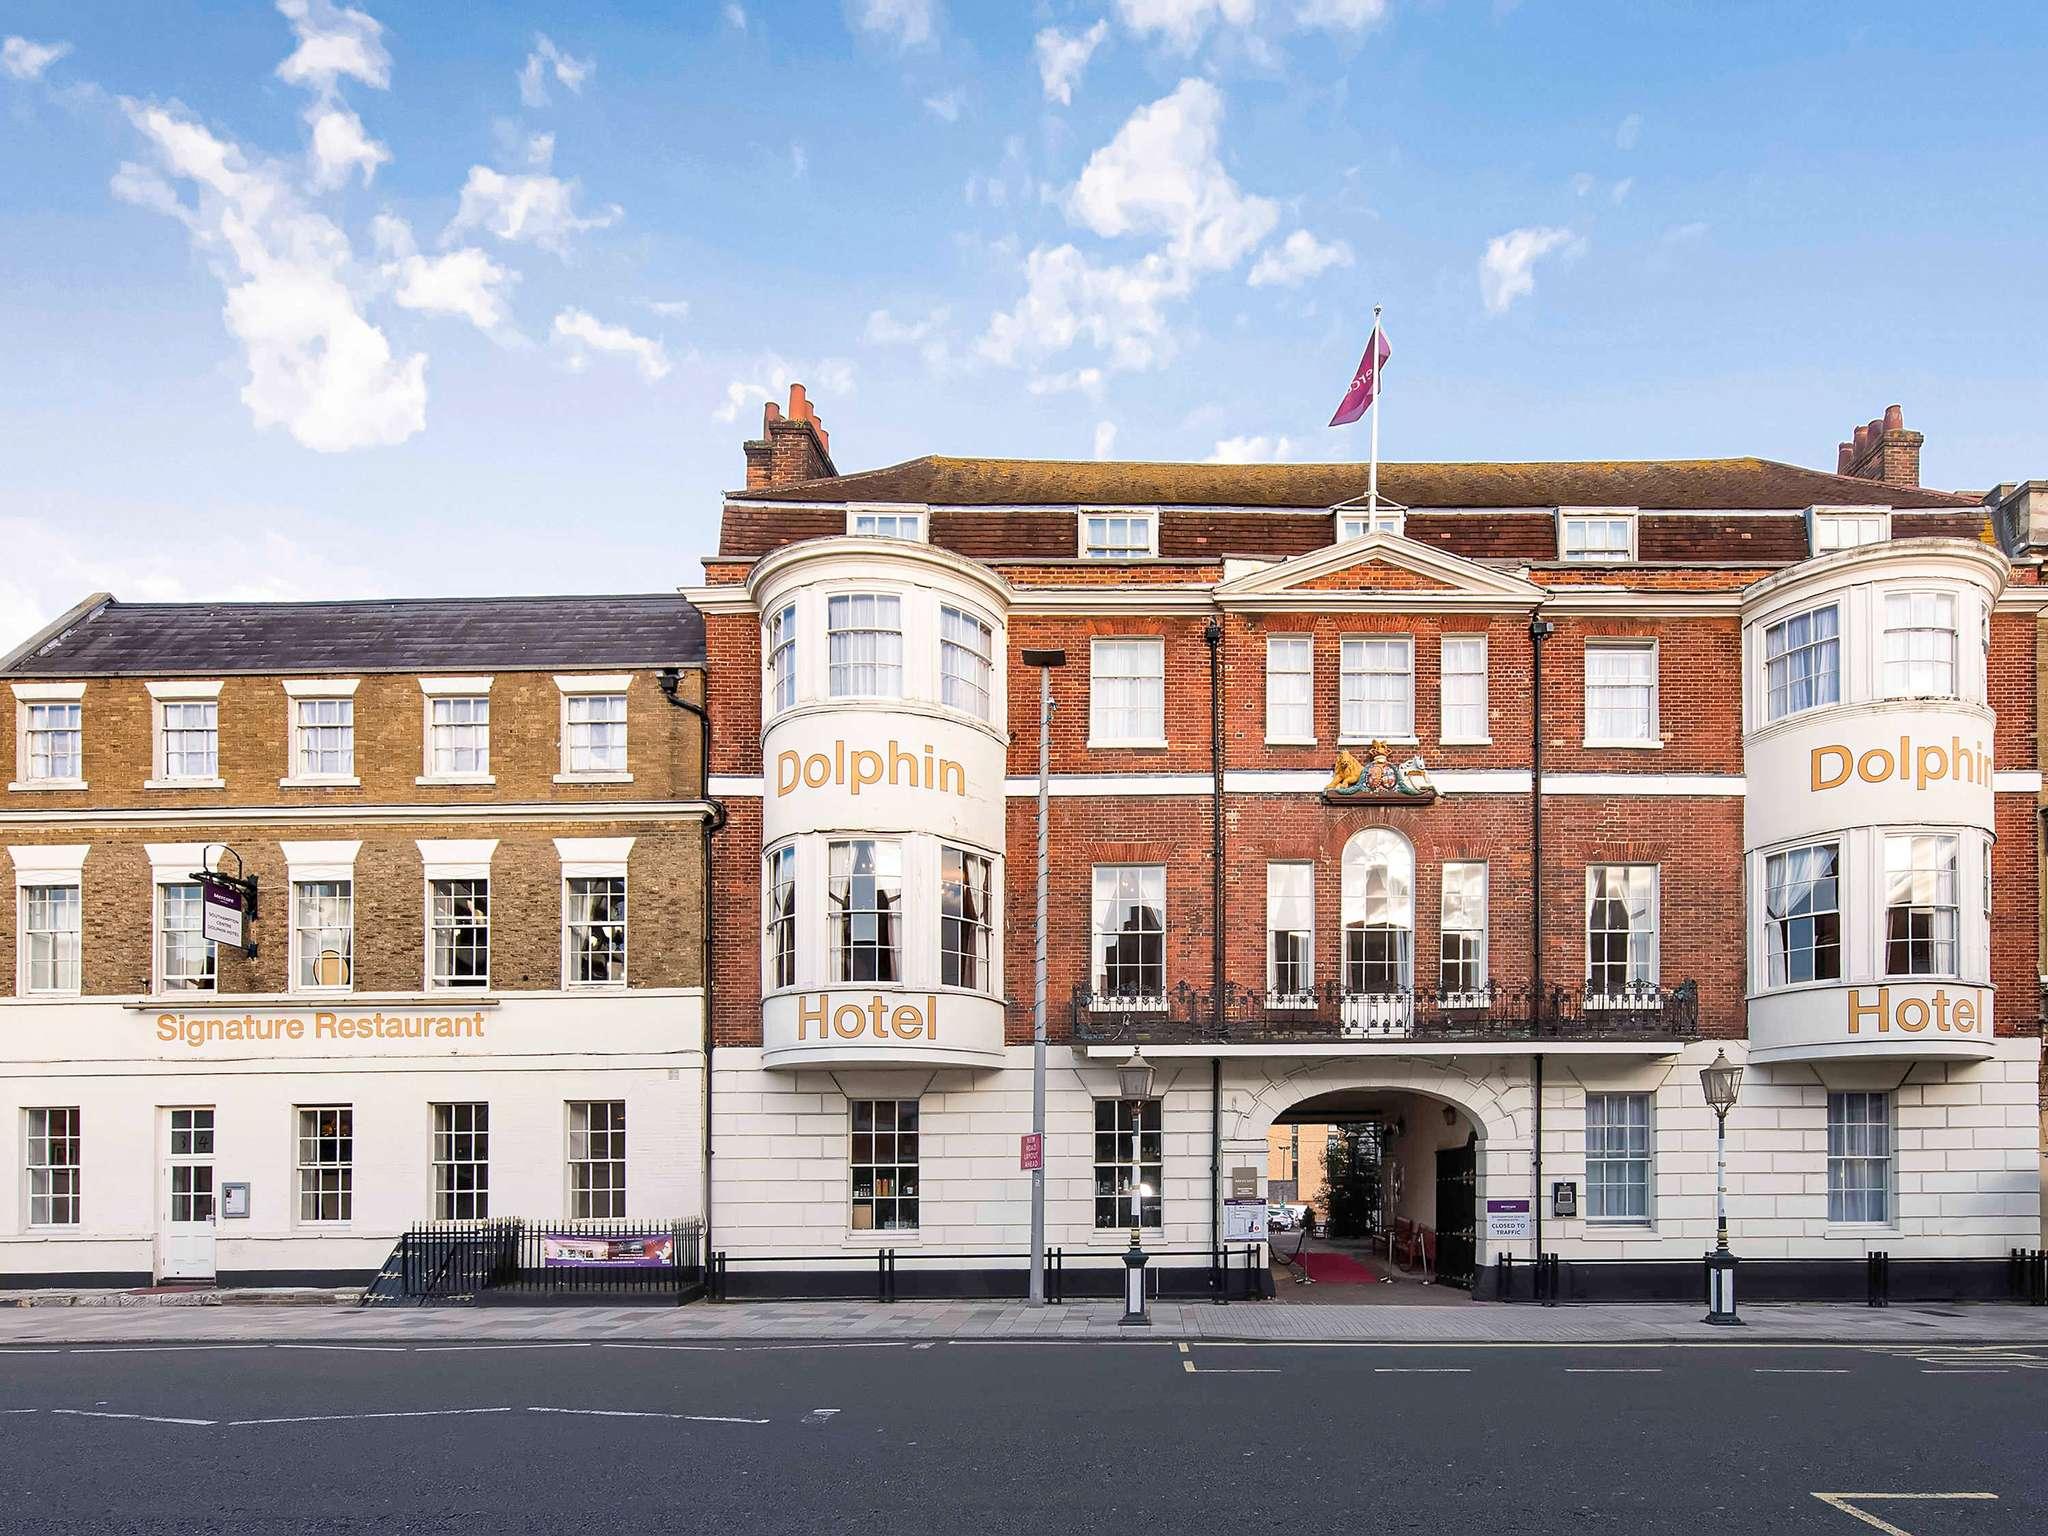 酒店 – 南安普敦中心多尔芬美居酒店